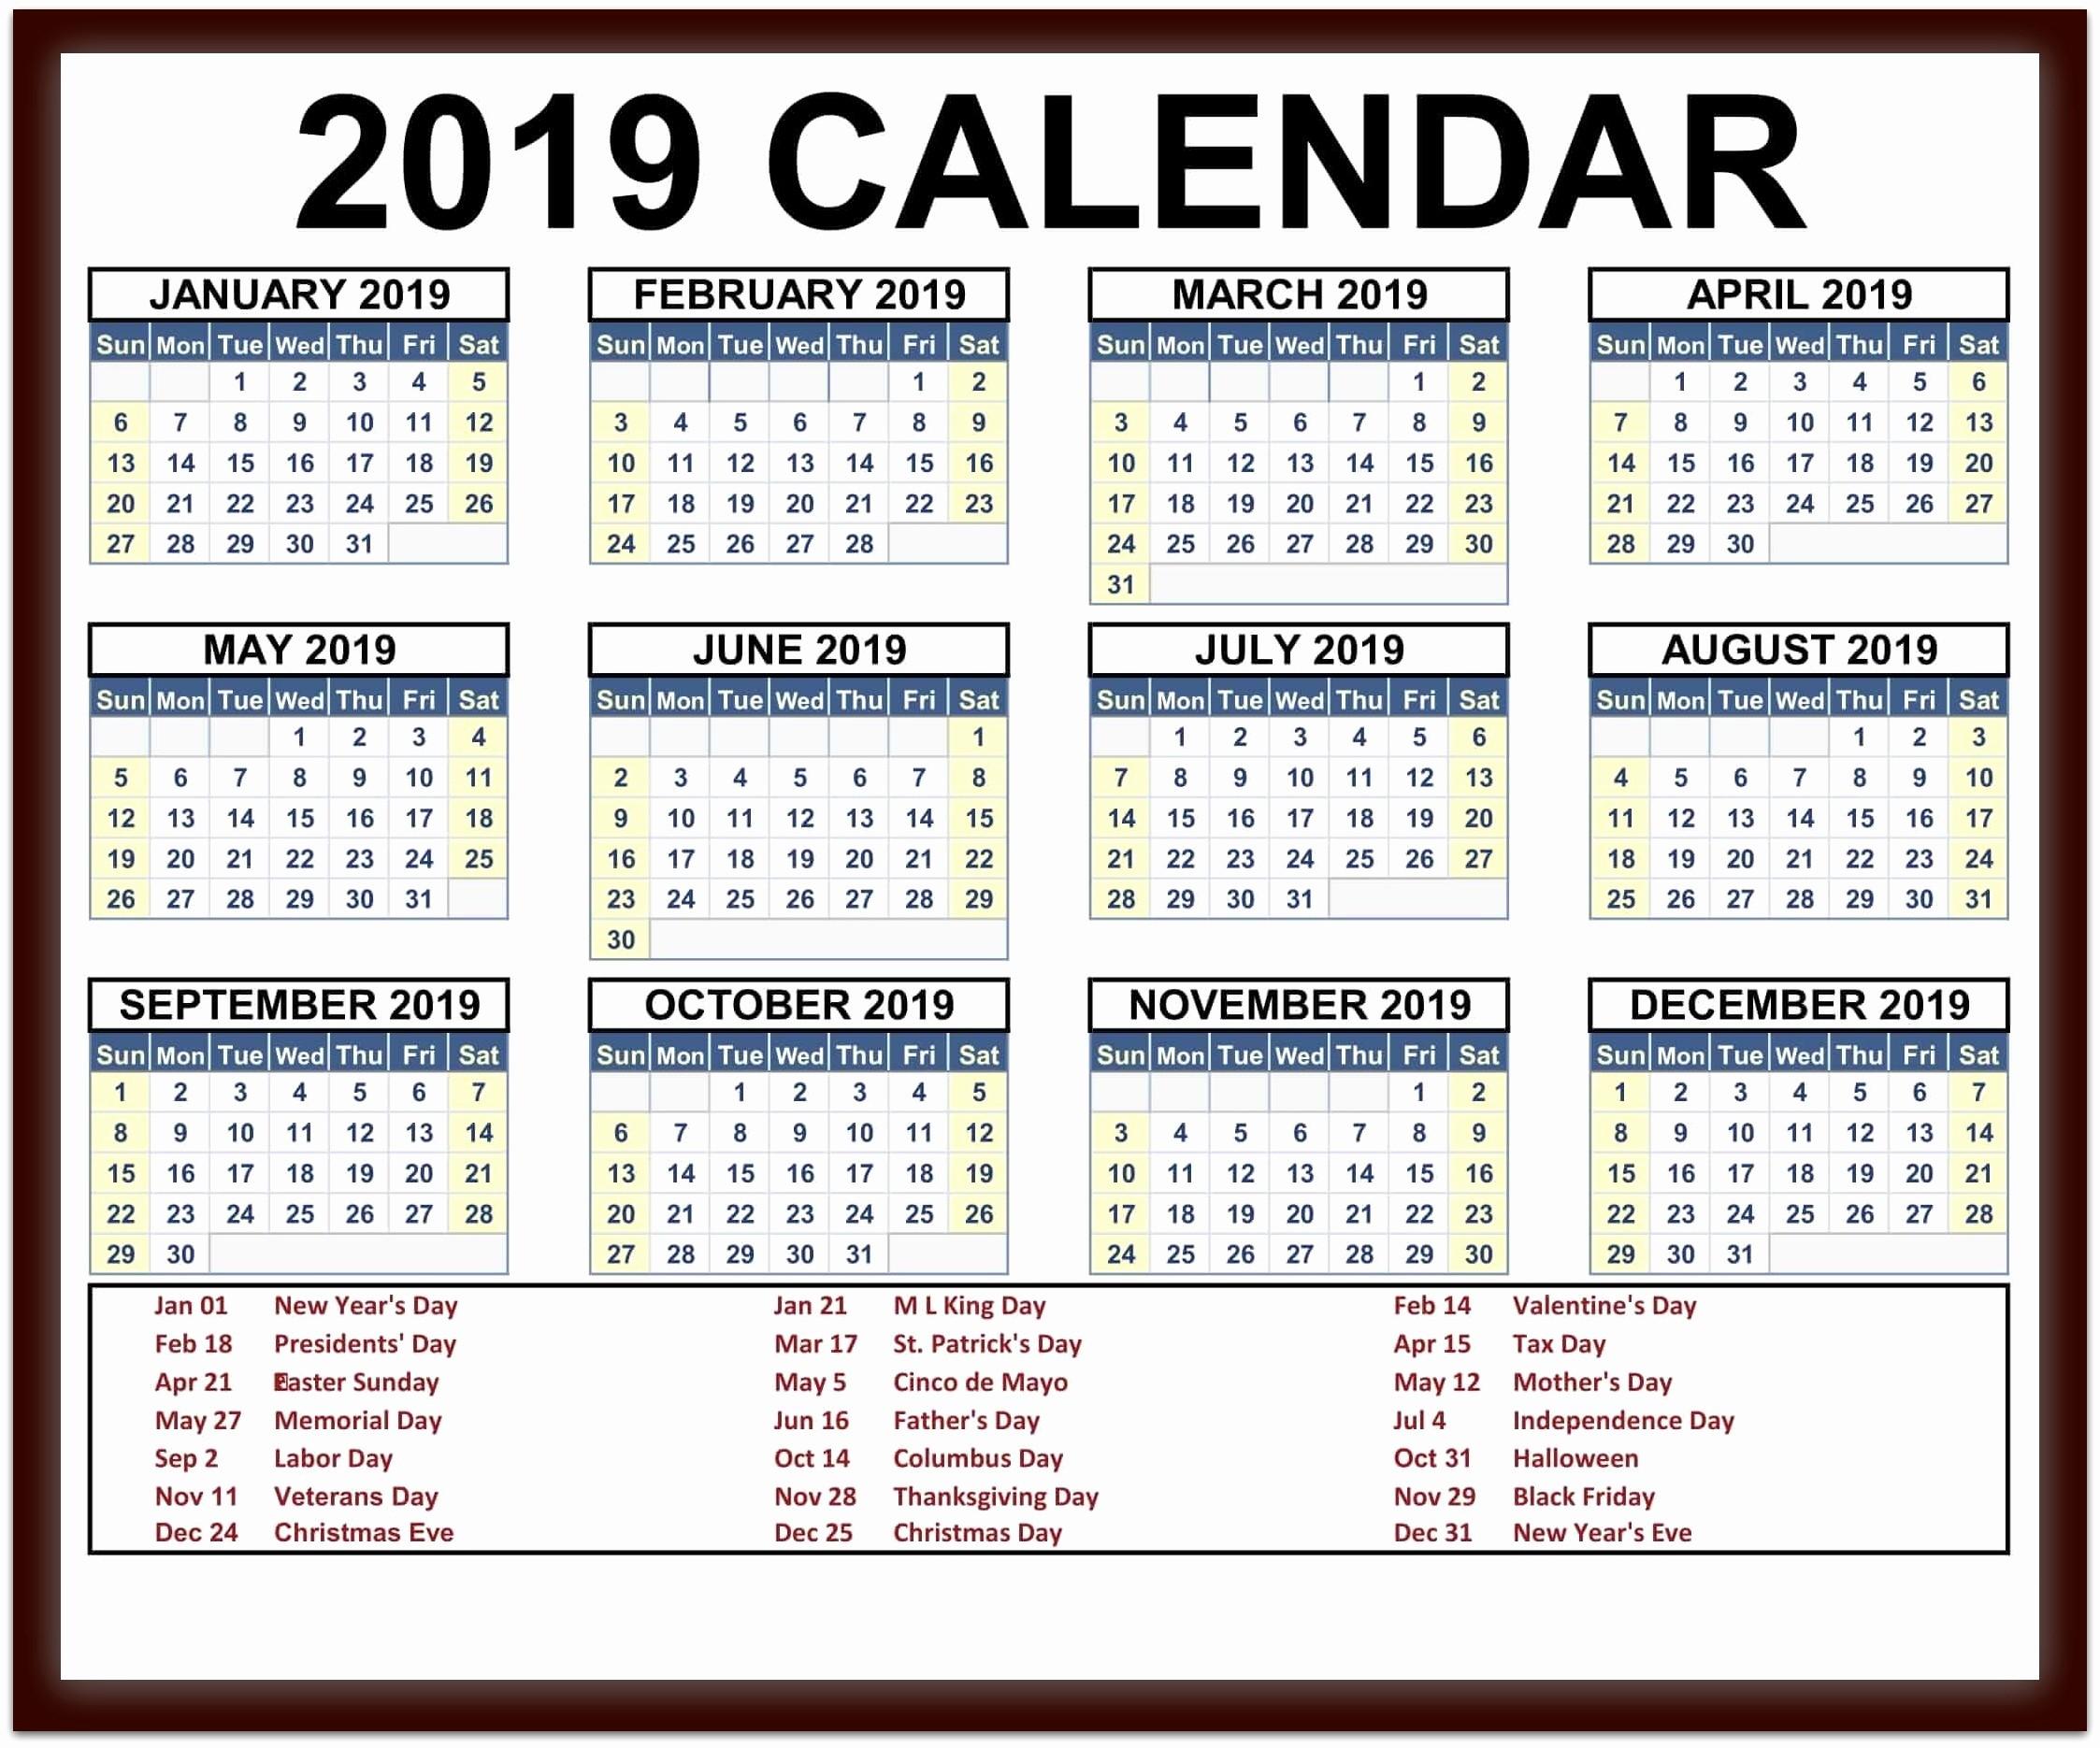 2019 Word Calendar with Holidays Unique 2019 Calendar Holidays Usa India Uk Canada Australia